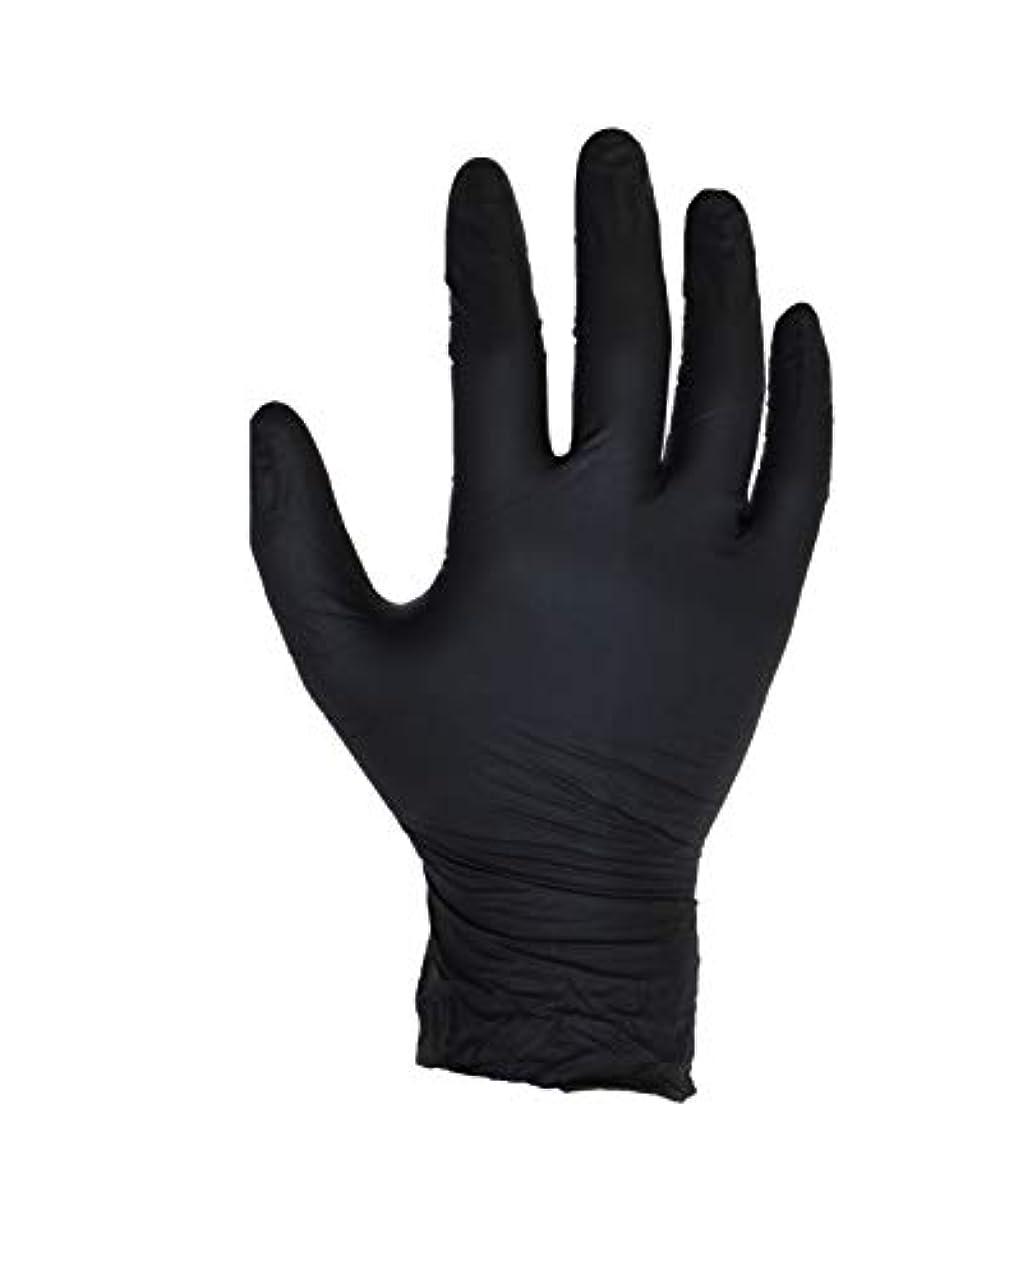 完璧なキャプテン官僚100個入りブラックニトリル手袋 - サイズS - ASPRO - パウダーフリー - 使い捨て - ラテックスフリー - AQL 1.5(サイズS - 小、黒)